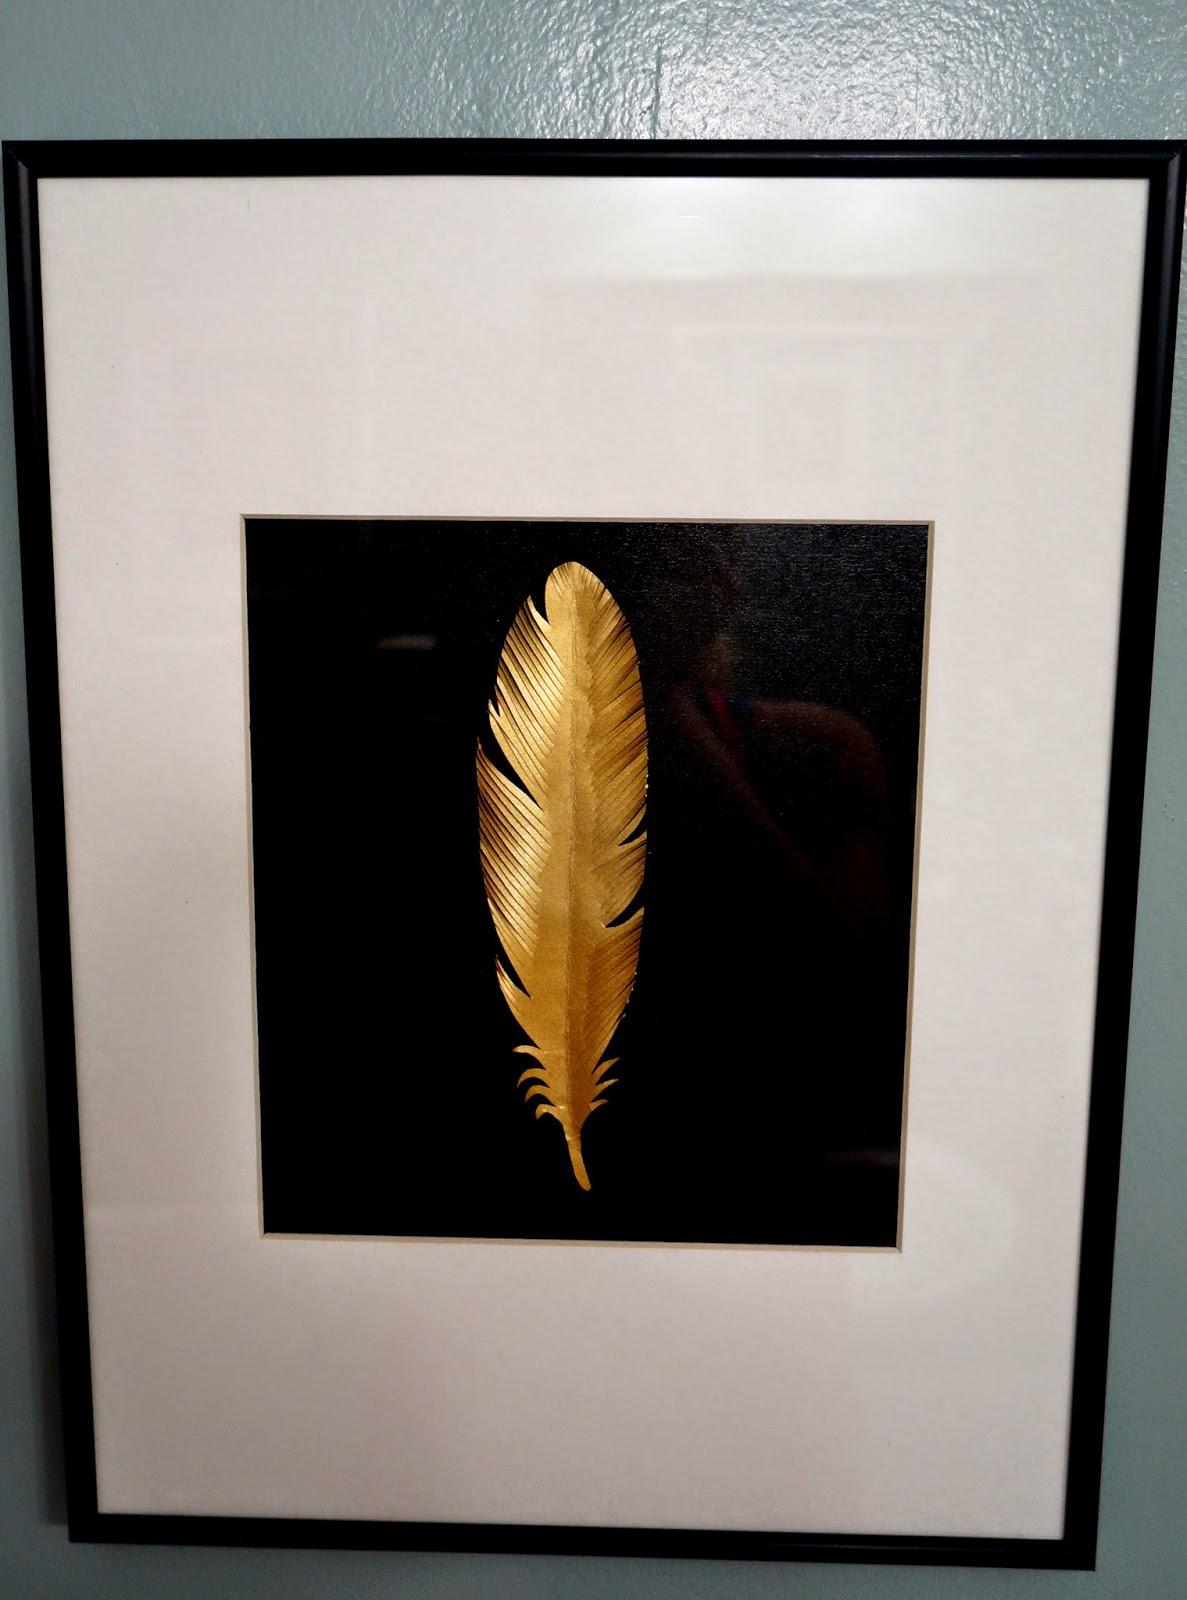 Zelda Madeline Diy Gold Feather Art